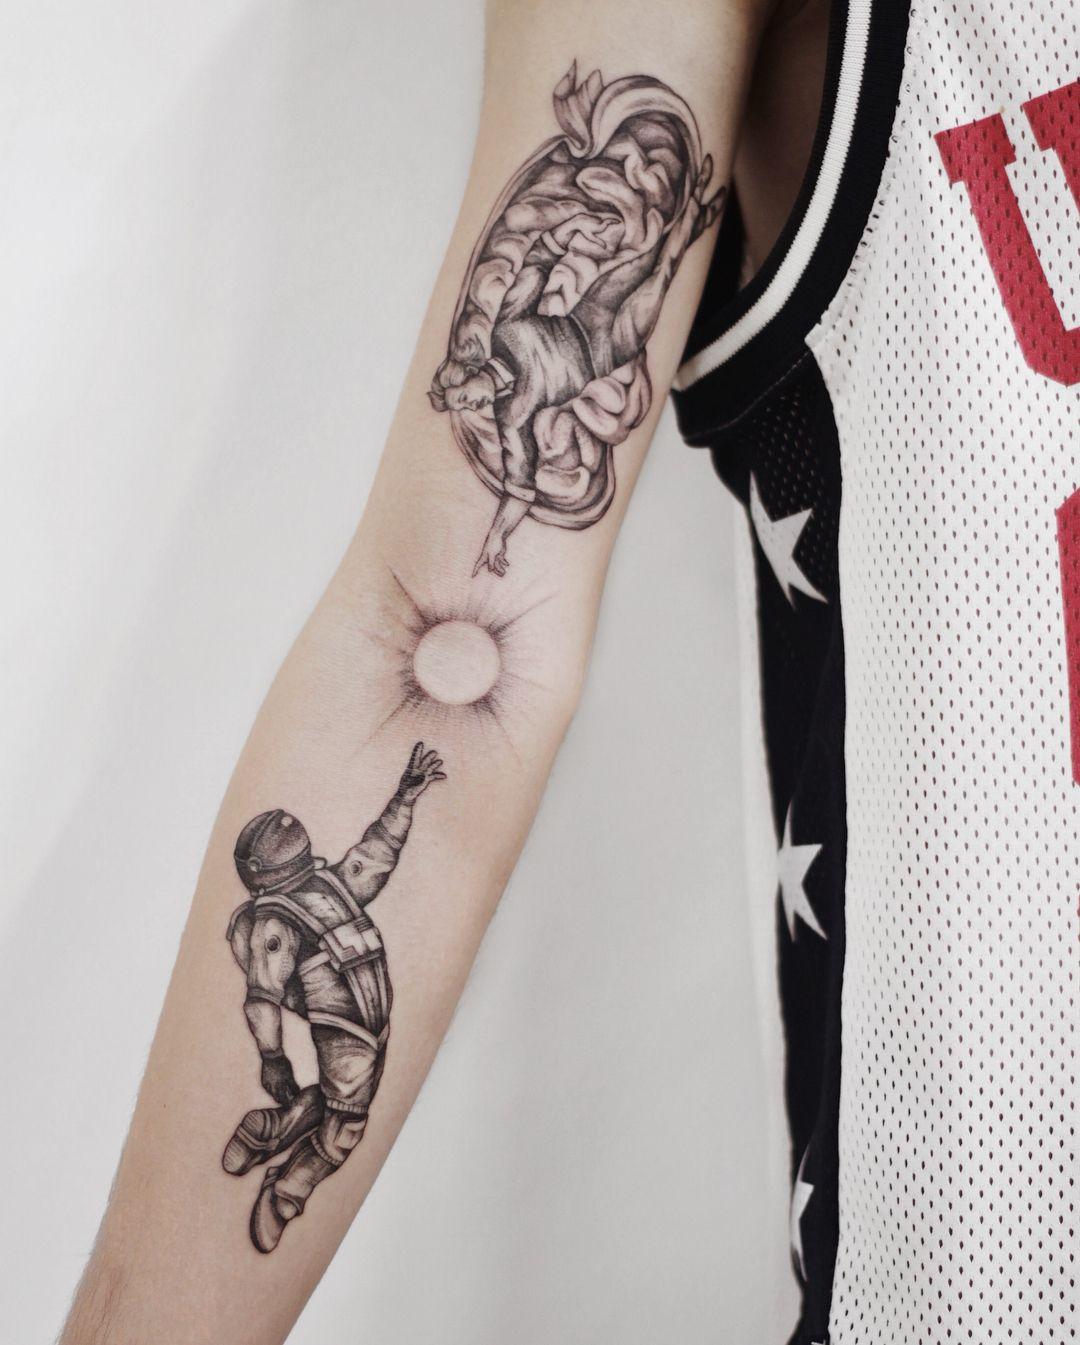 татуировка на руке сотворение адама космонавт идеи для татуировки